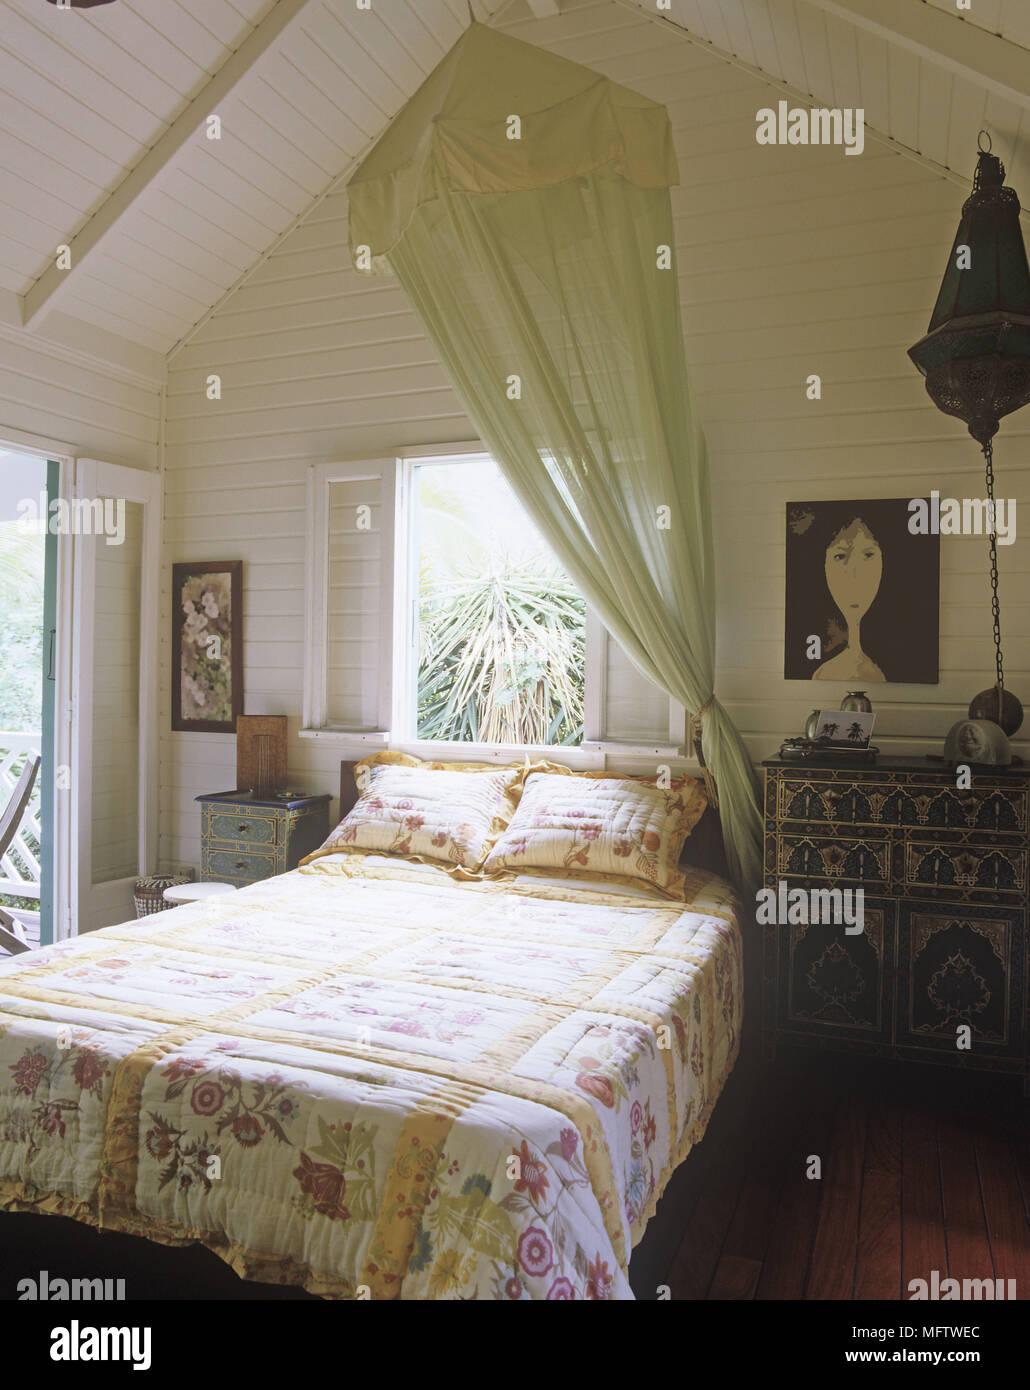 5fbab70d8f awesome una camera da letto con biancheria floreale di un verde zanzariera  sopra il letto e diversi dipinti with biancheria camera da letto